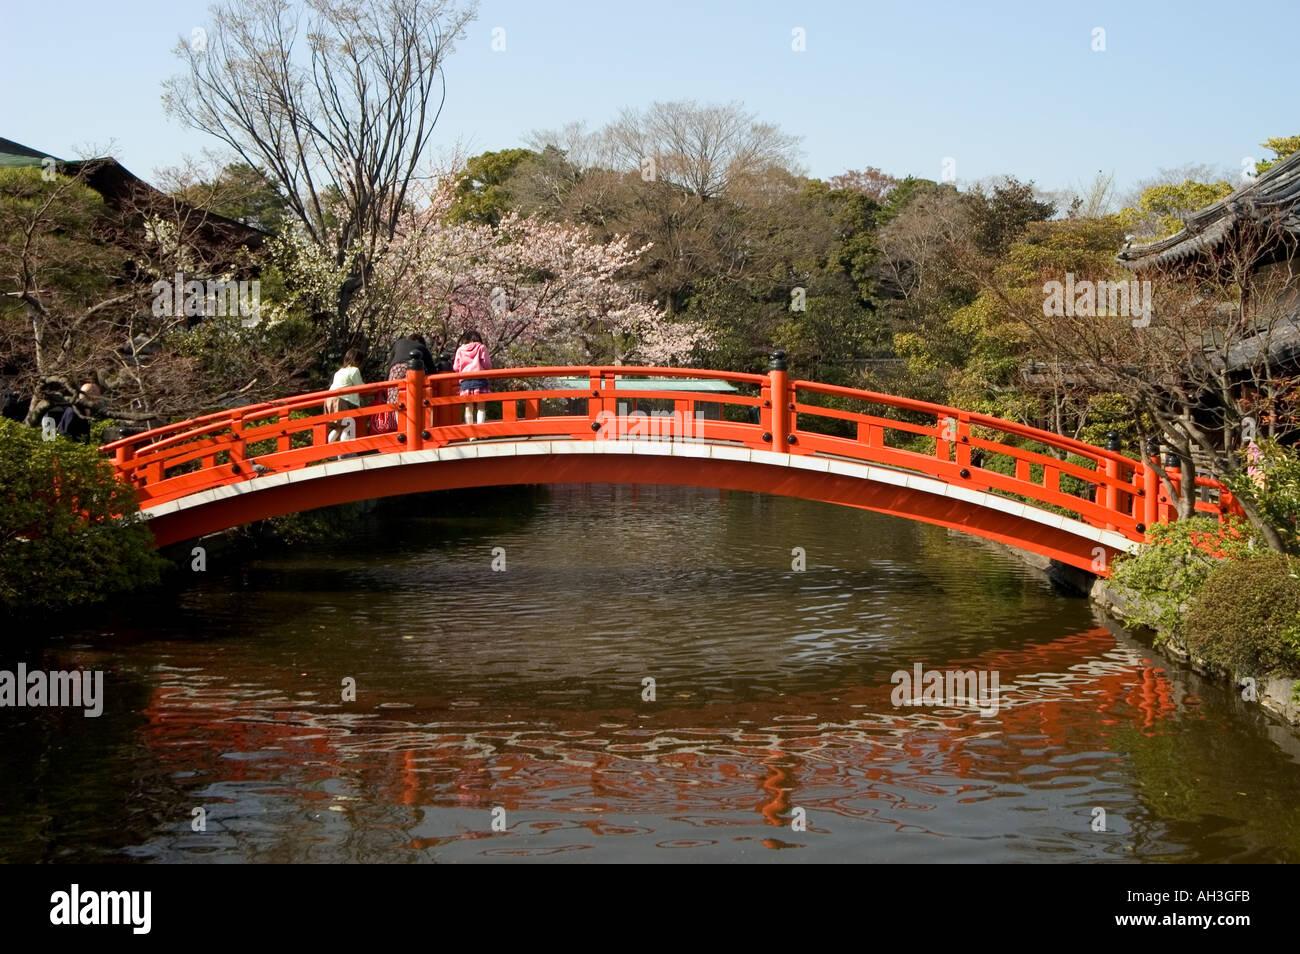 Shinsen En Garden Stock Photos & Shinsen En Garden Stock Images - Alamy